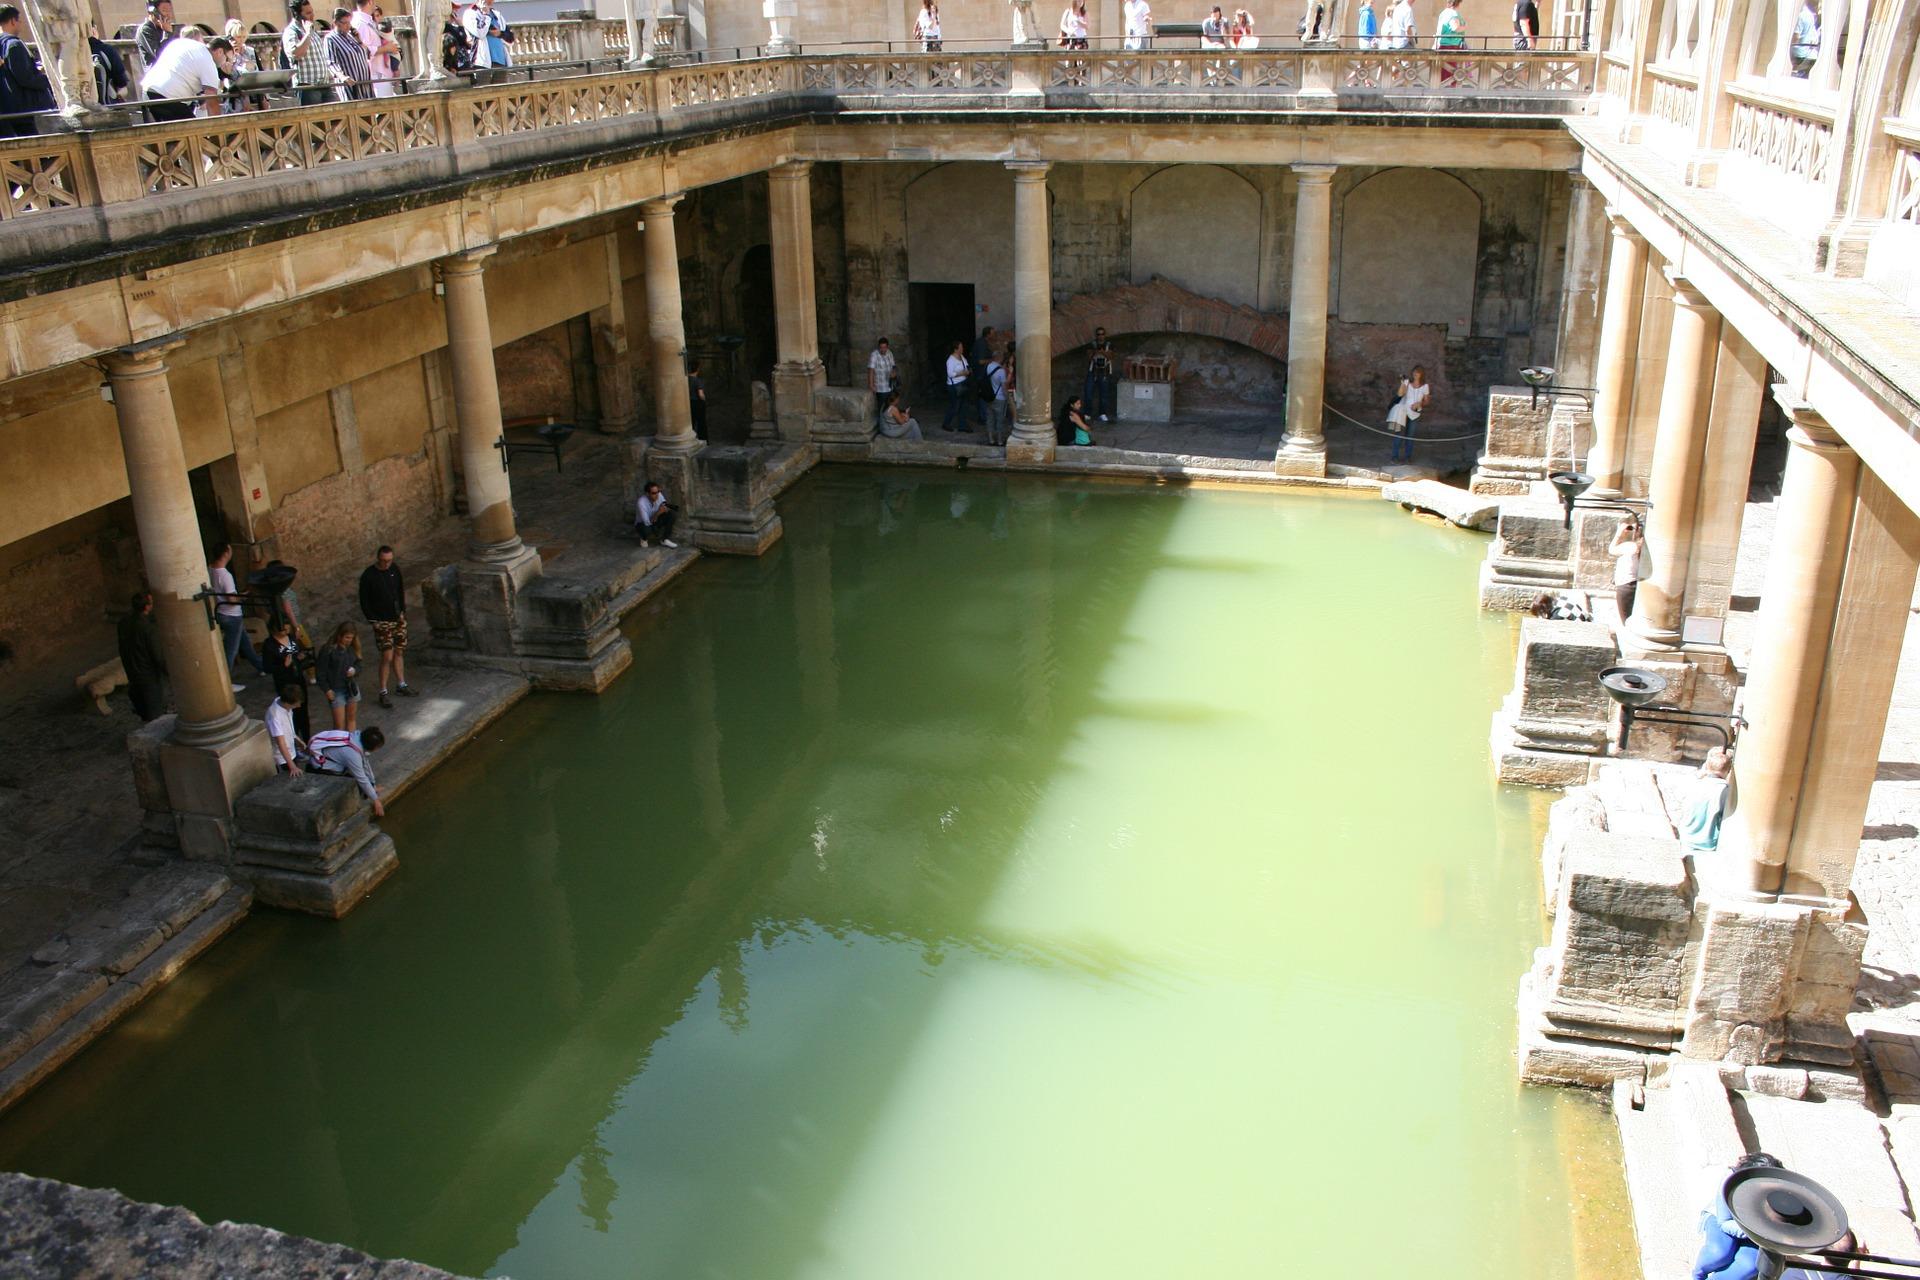 Roman baths of Bath, England.